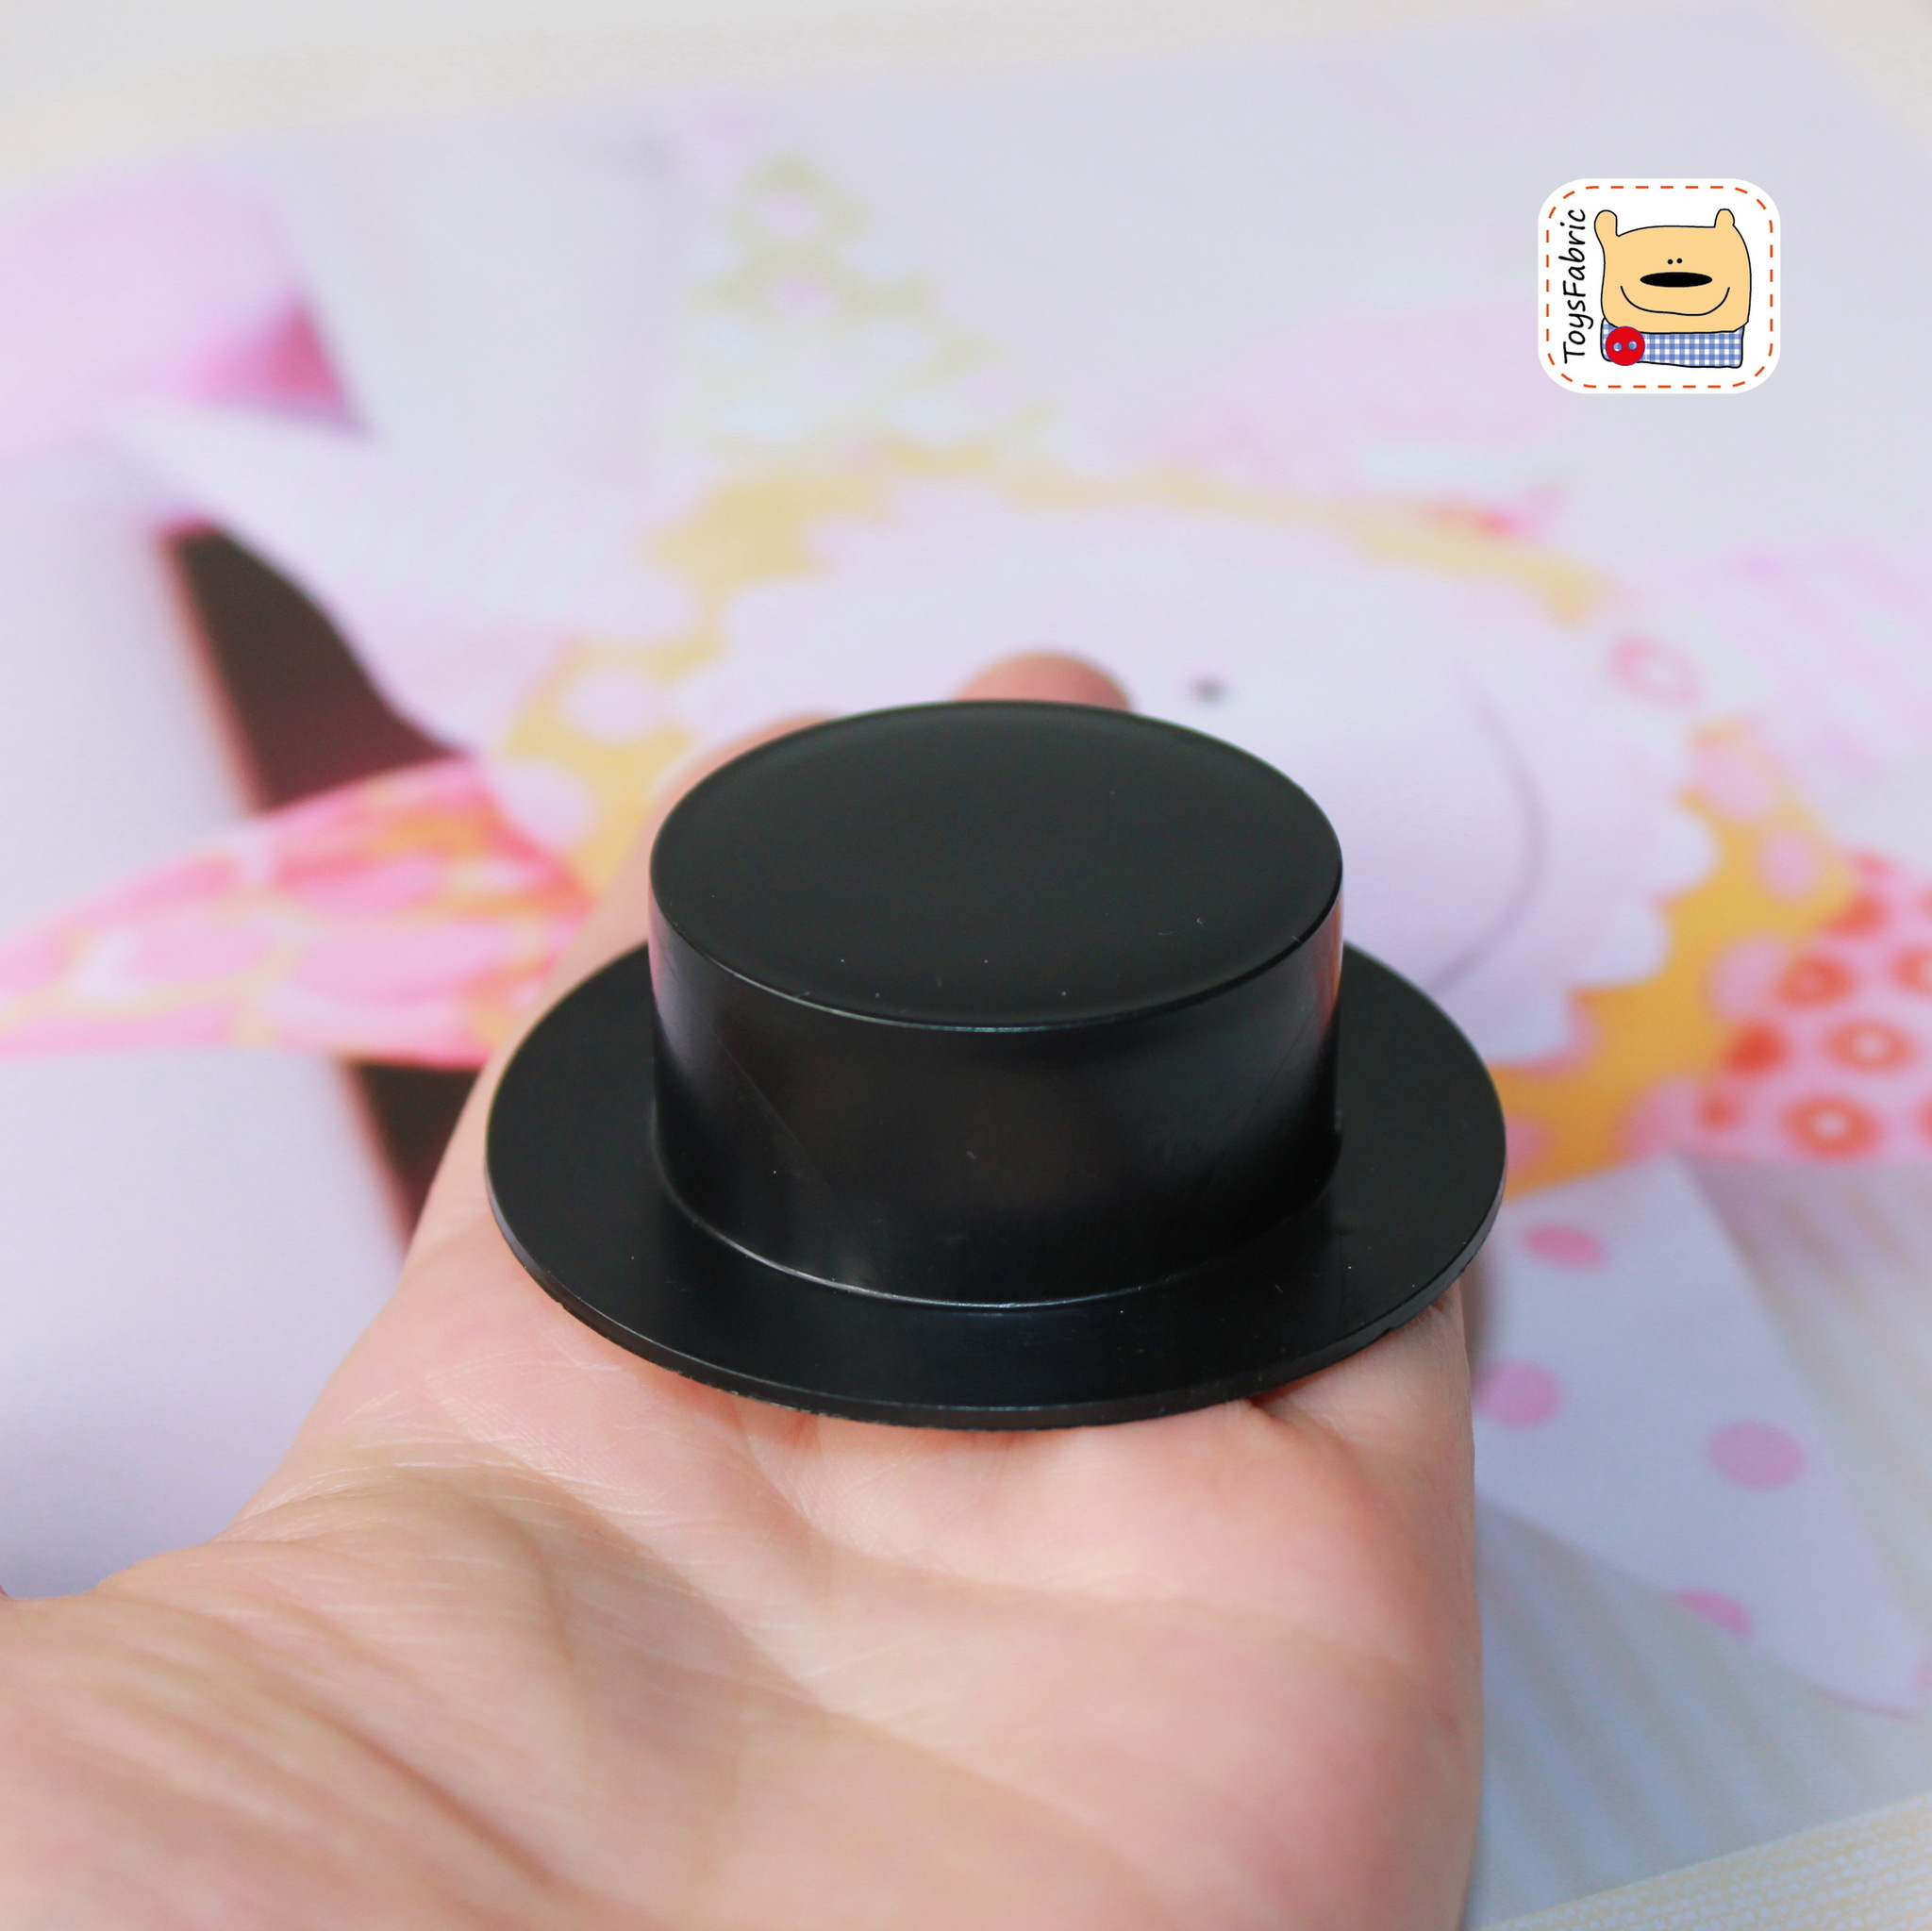 Шляпа чёрная (пластиковая) М51